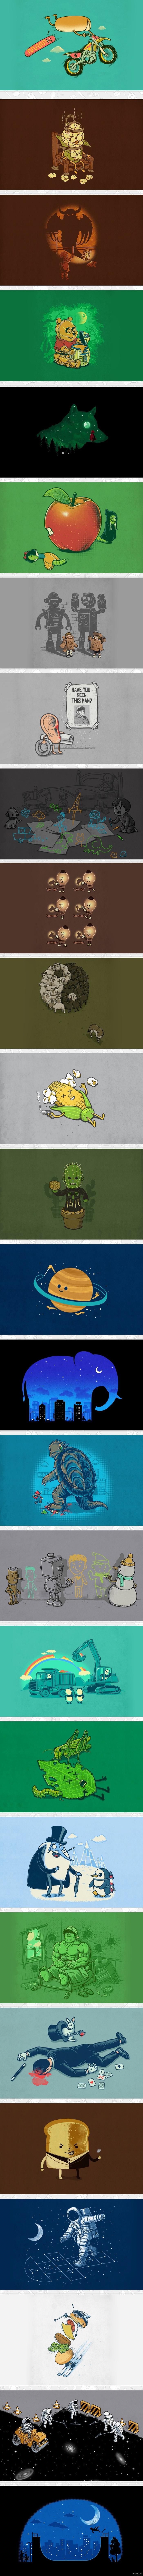 Блоги. Иллюстрации